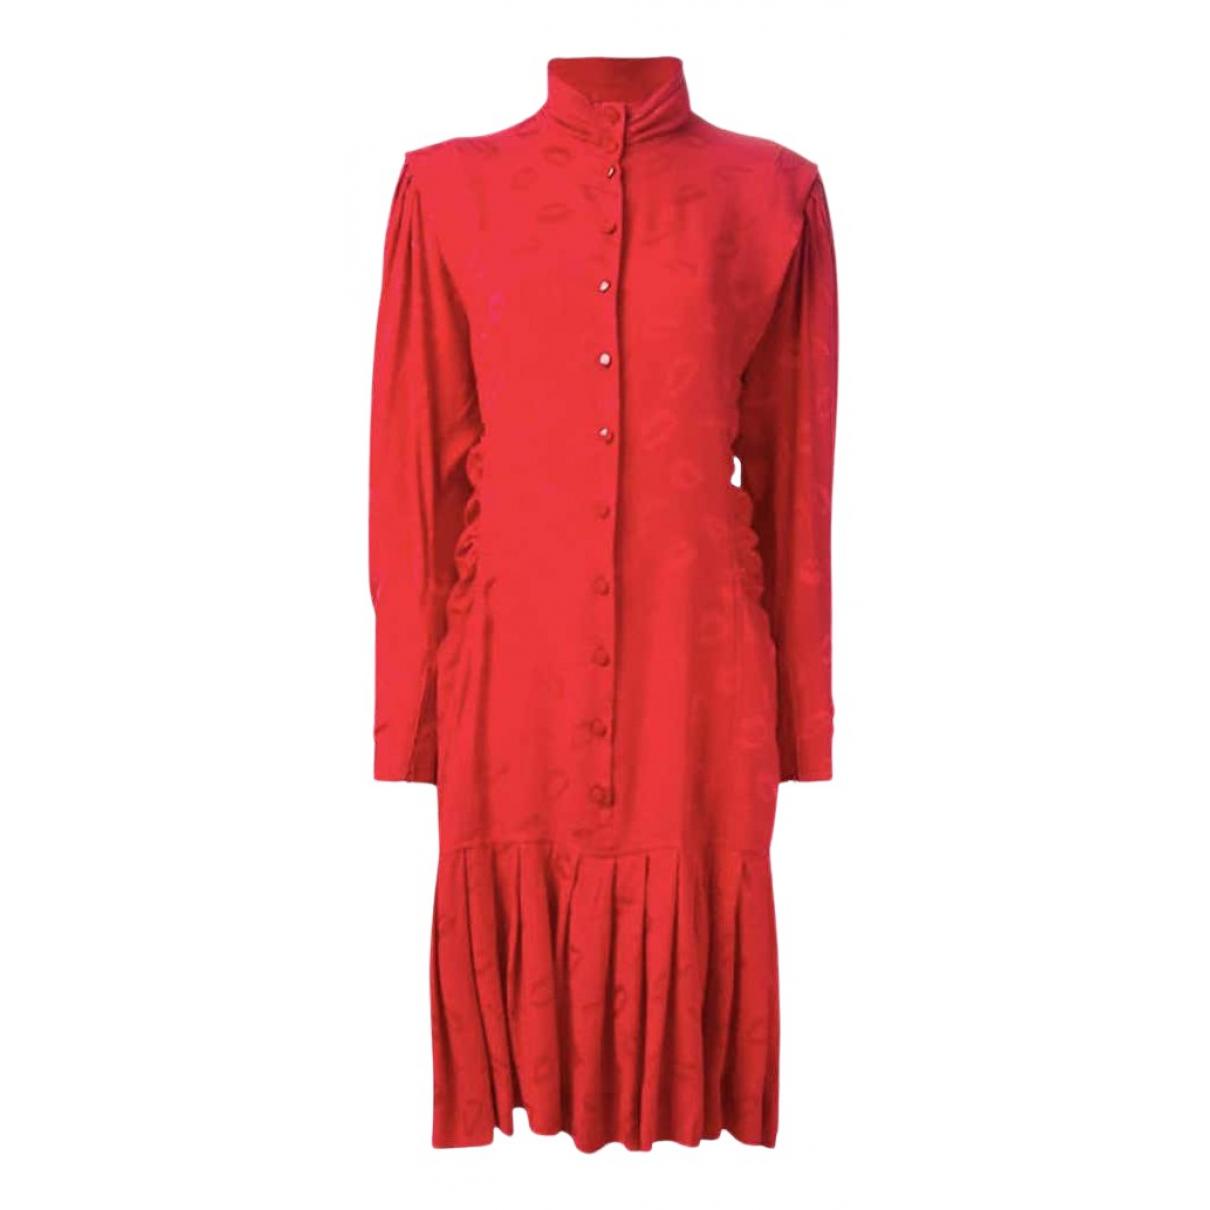 Emanuel Ungaro N Red Silk dress for Women 38 FR